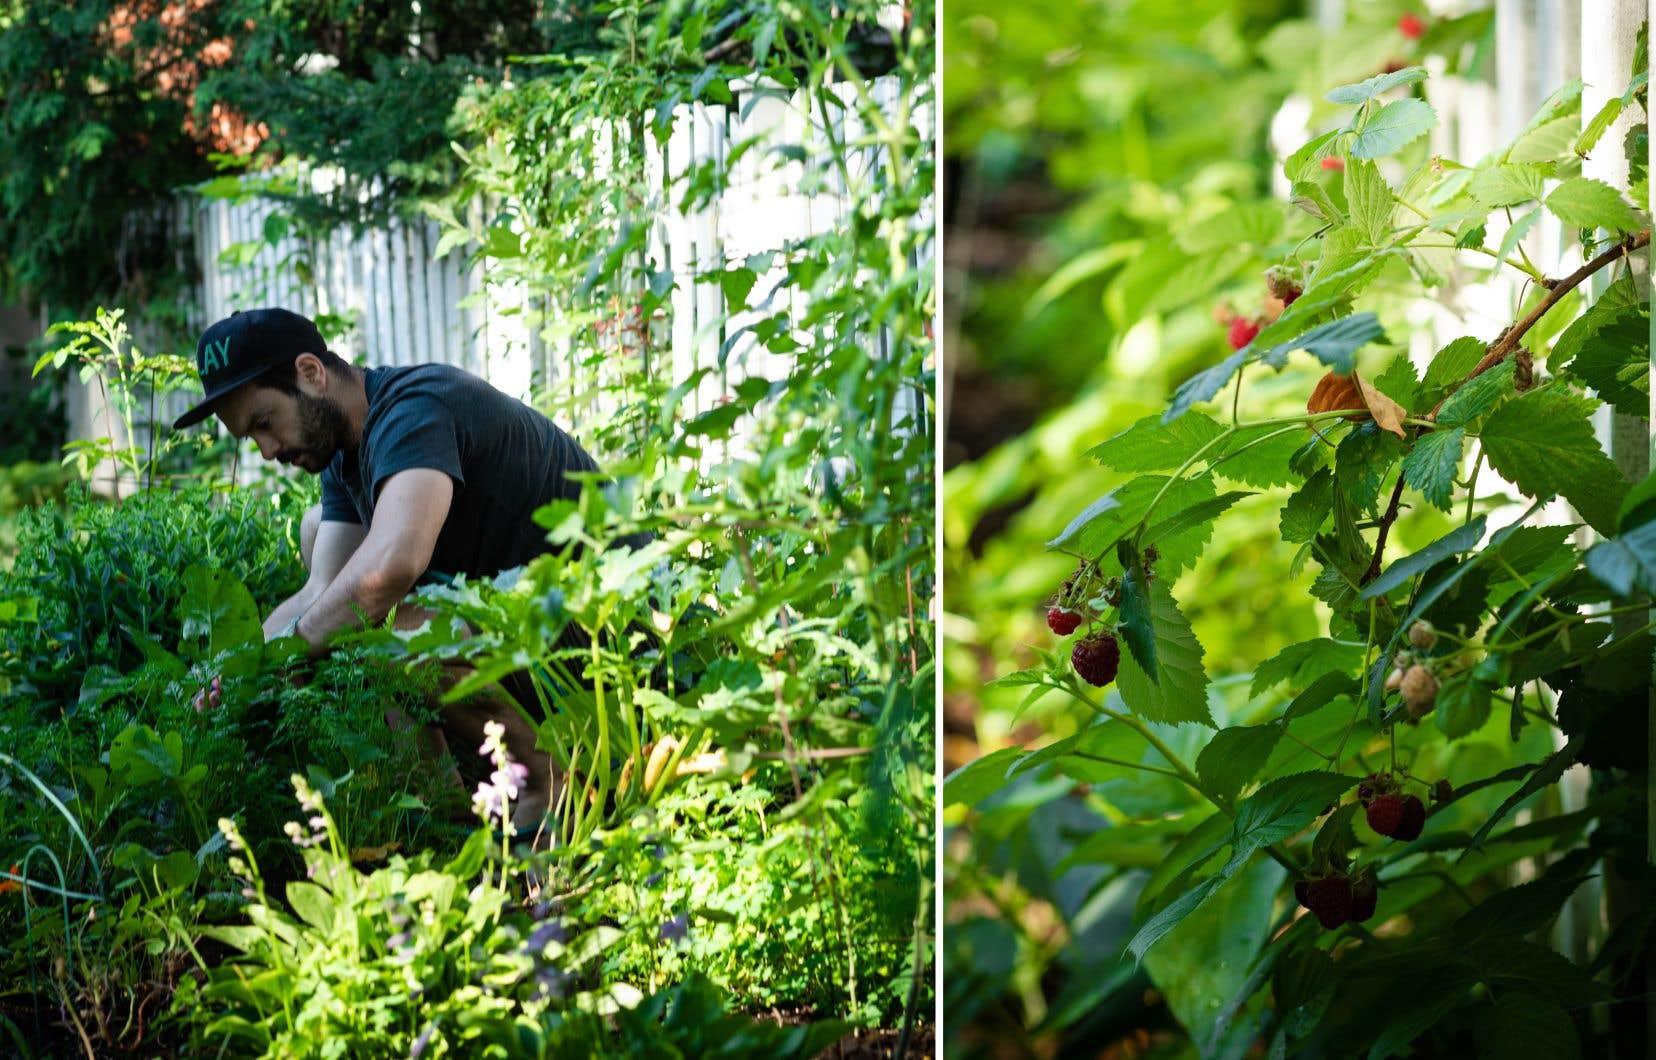 Pierre-Alexandre Henley dans son jardin à l'anglaise, où se côtoient légumes, fines herbes et fleurs comestibles.